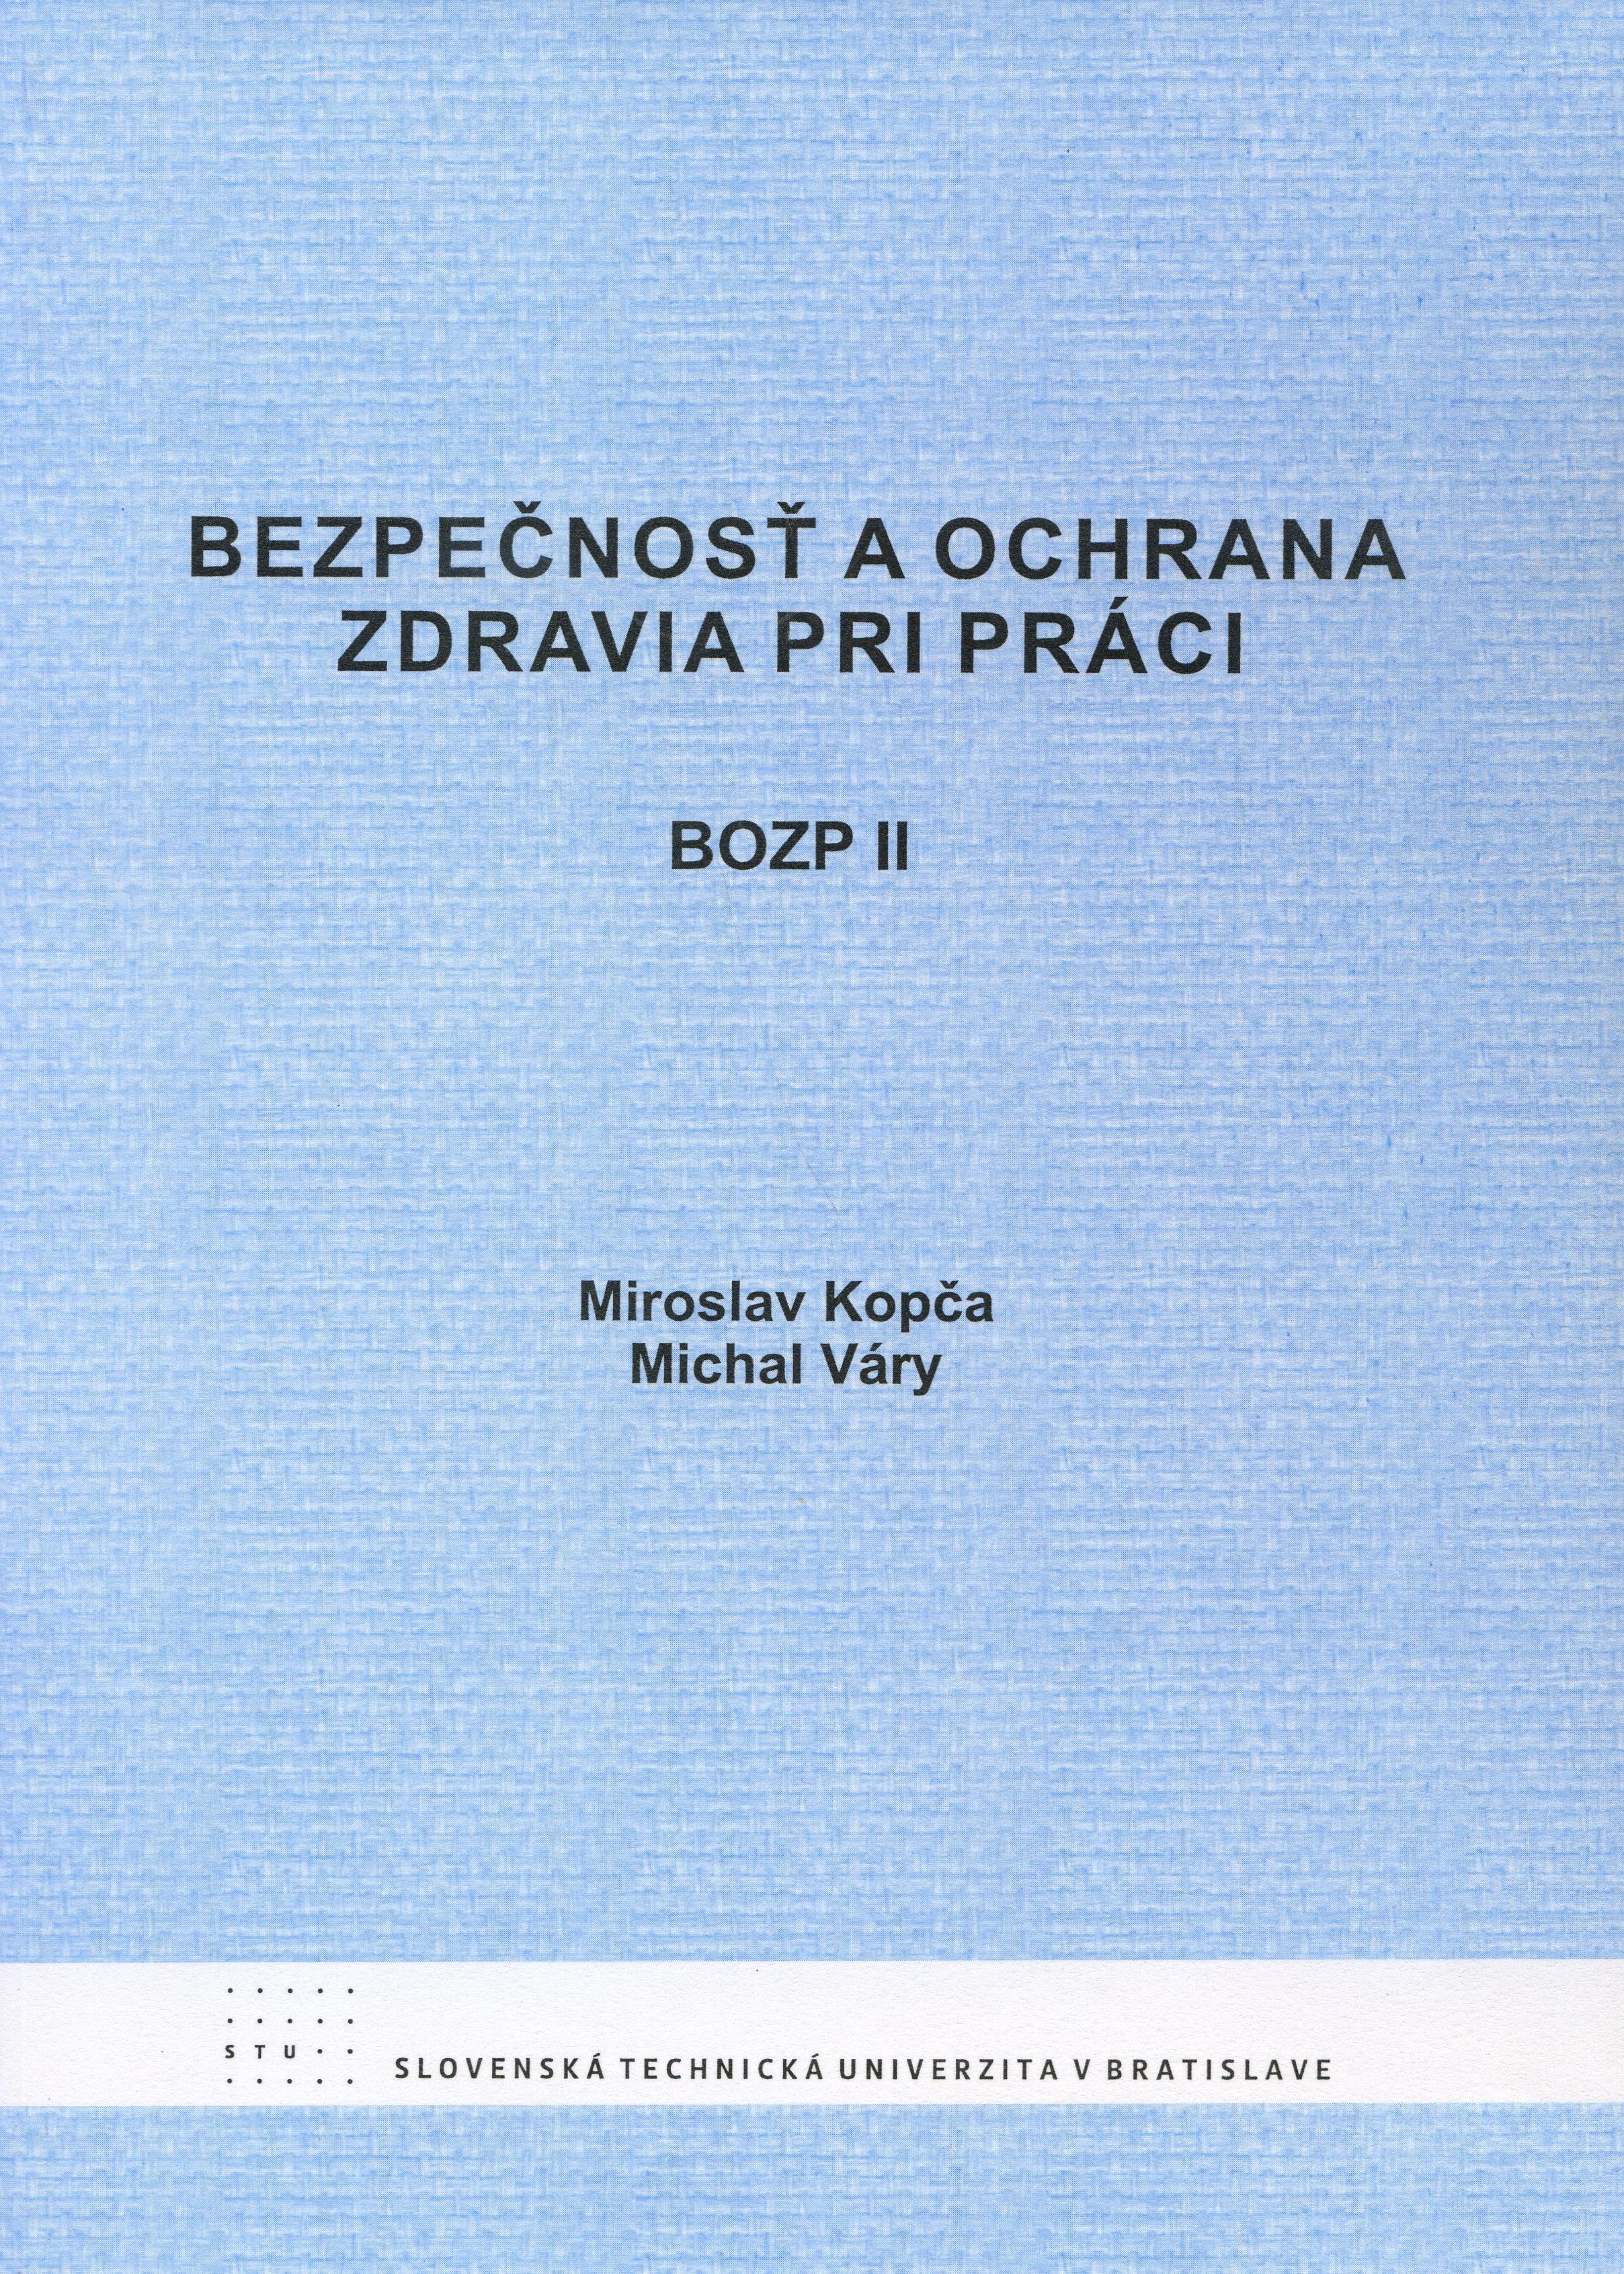 Bezpečnosť a ochrana zdravia pri práci - BOZP II